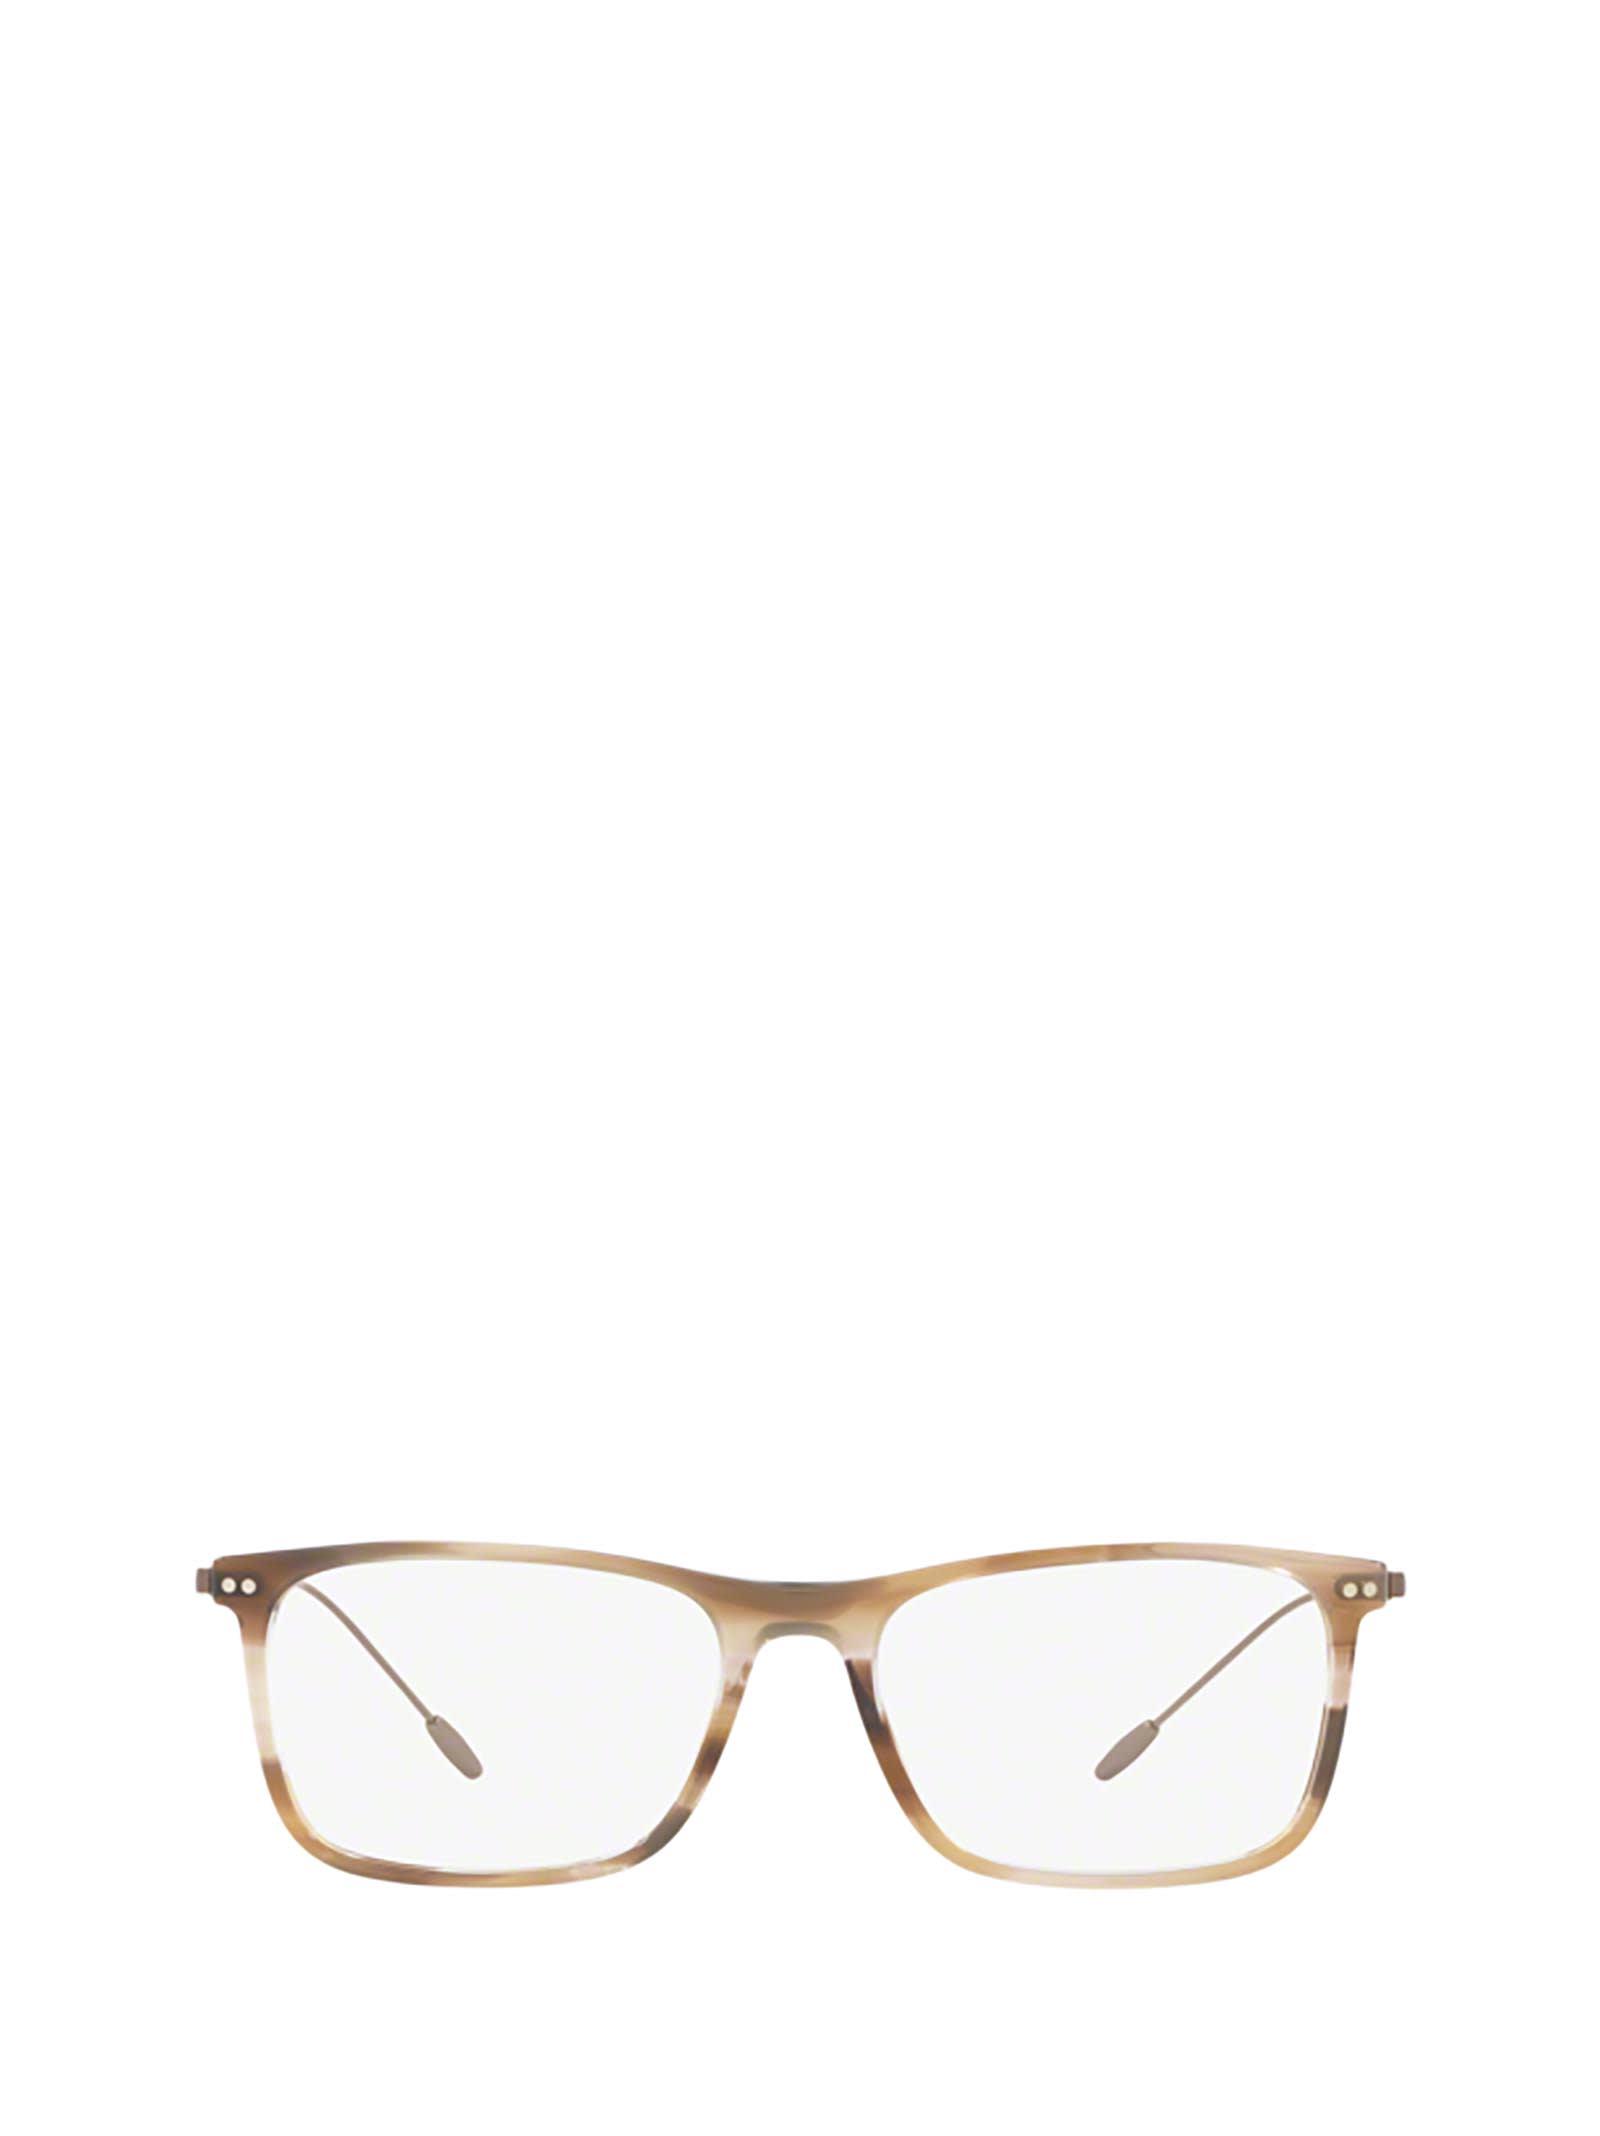 Giorgio Armani Giorgio Armani Ar7154 5660 Glasses